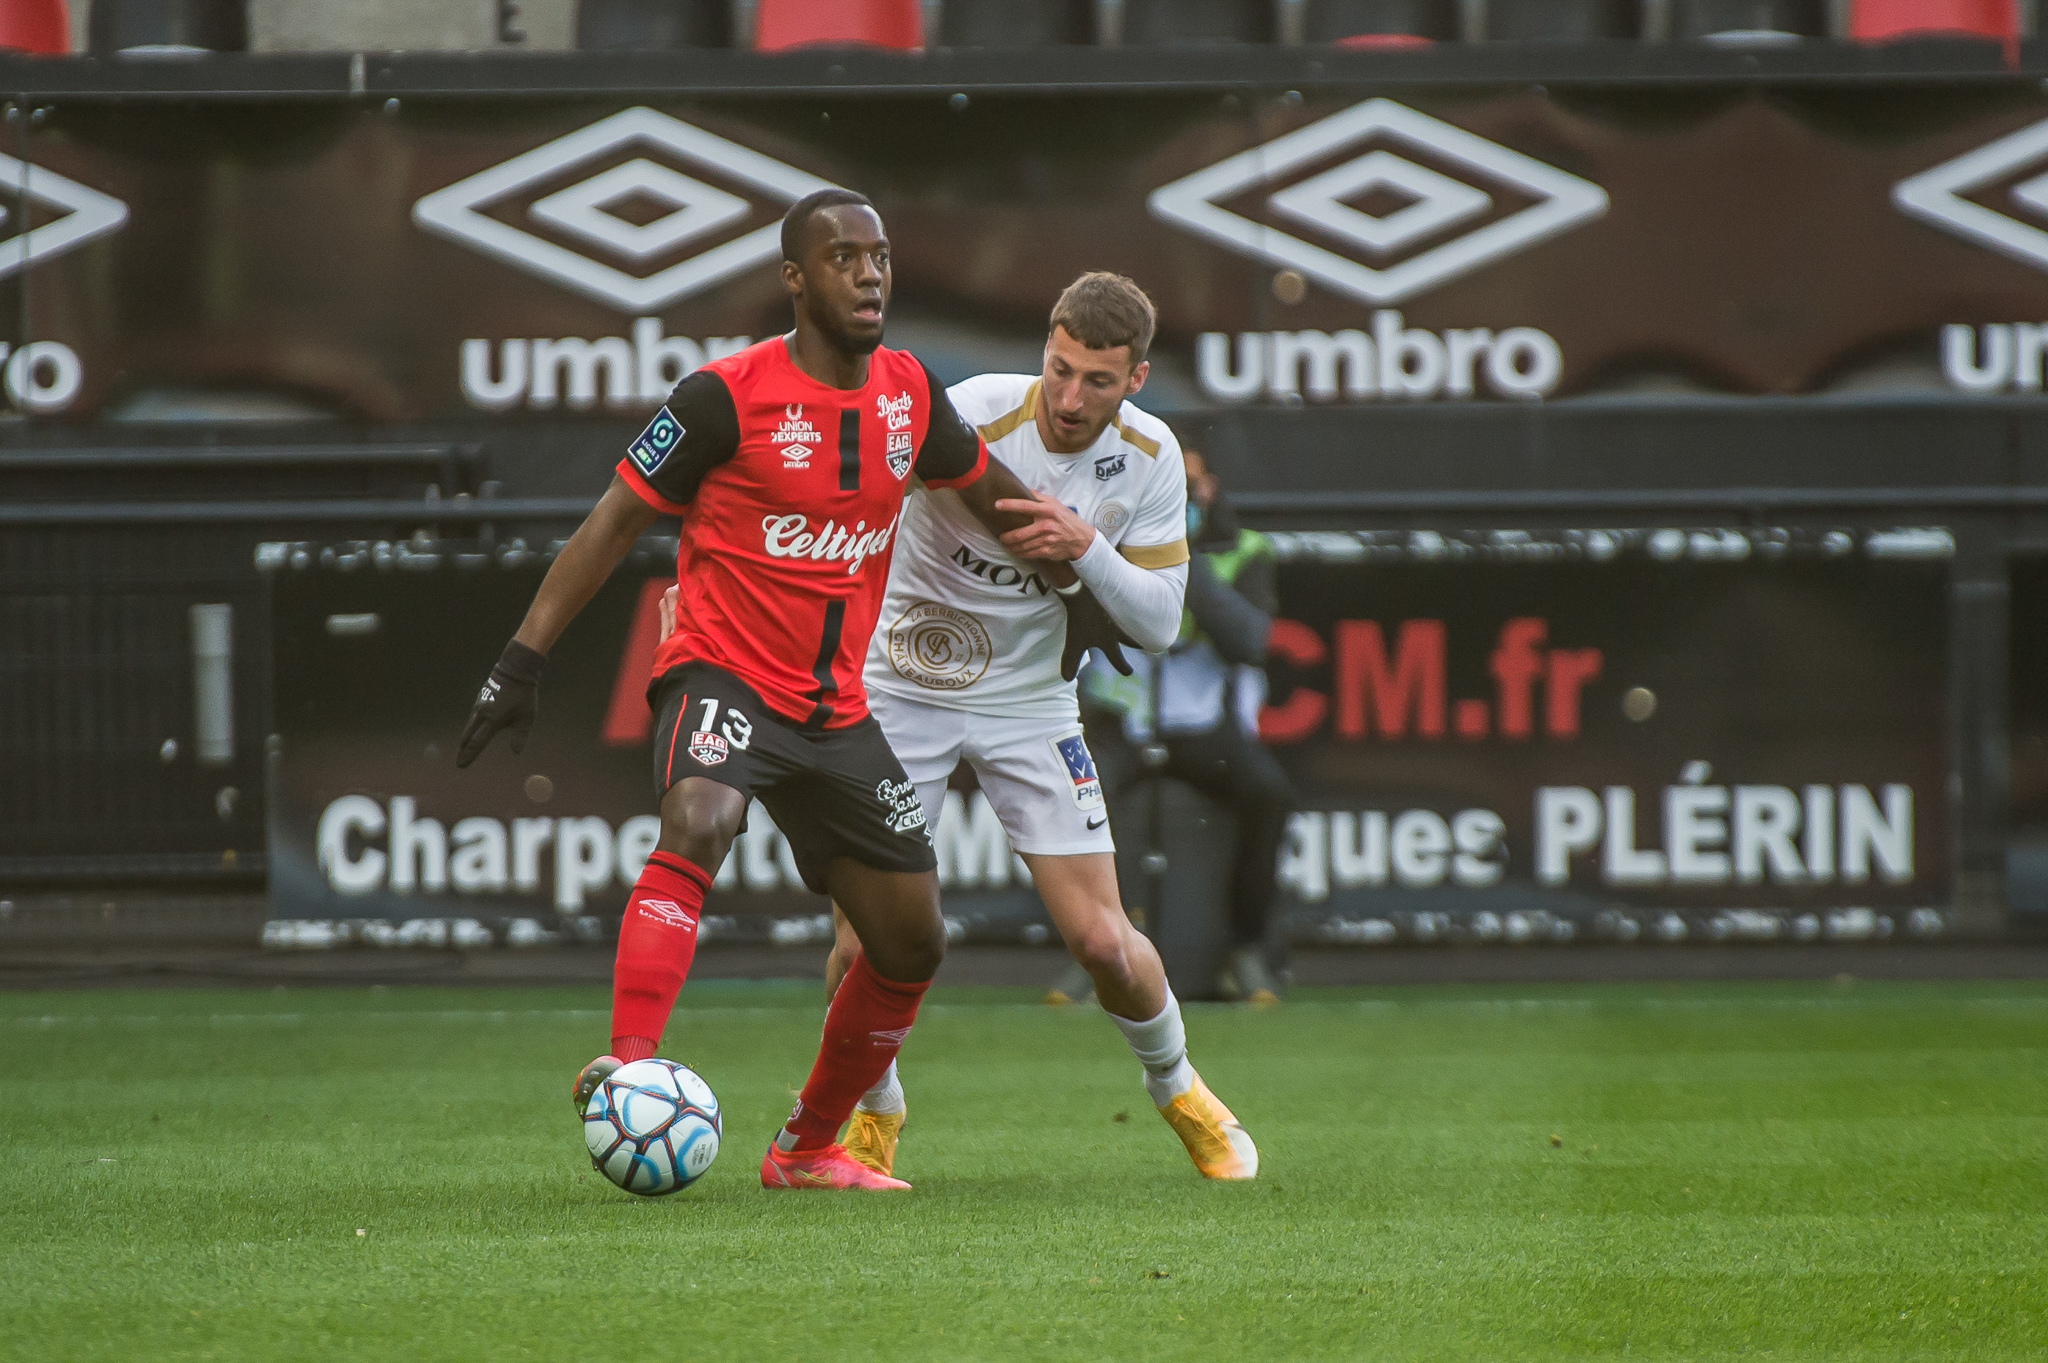 EA Guingamp La Berrichonne Châteauroux J37 Ligue 2 BKT EAGLBC 2-0 Stade de Roudourou FRA_5428